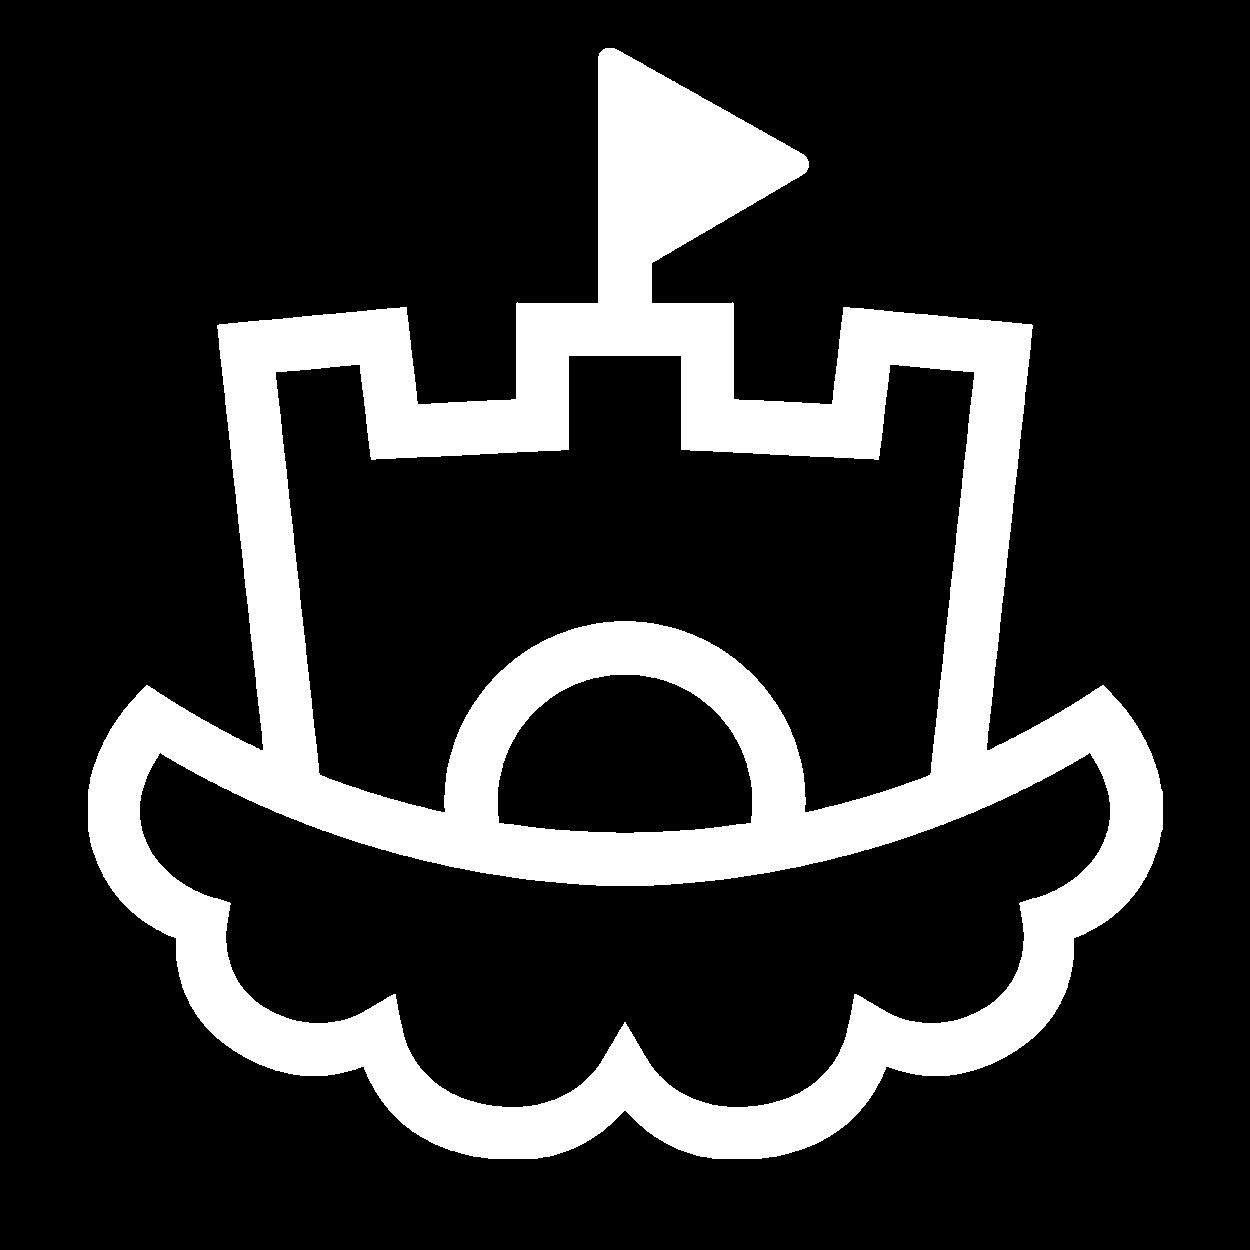 Mario's Castle (mariocastle) Profile Image   Linktree